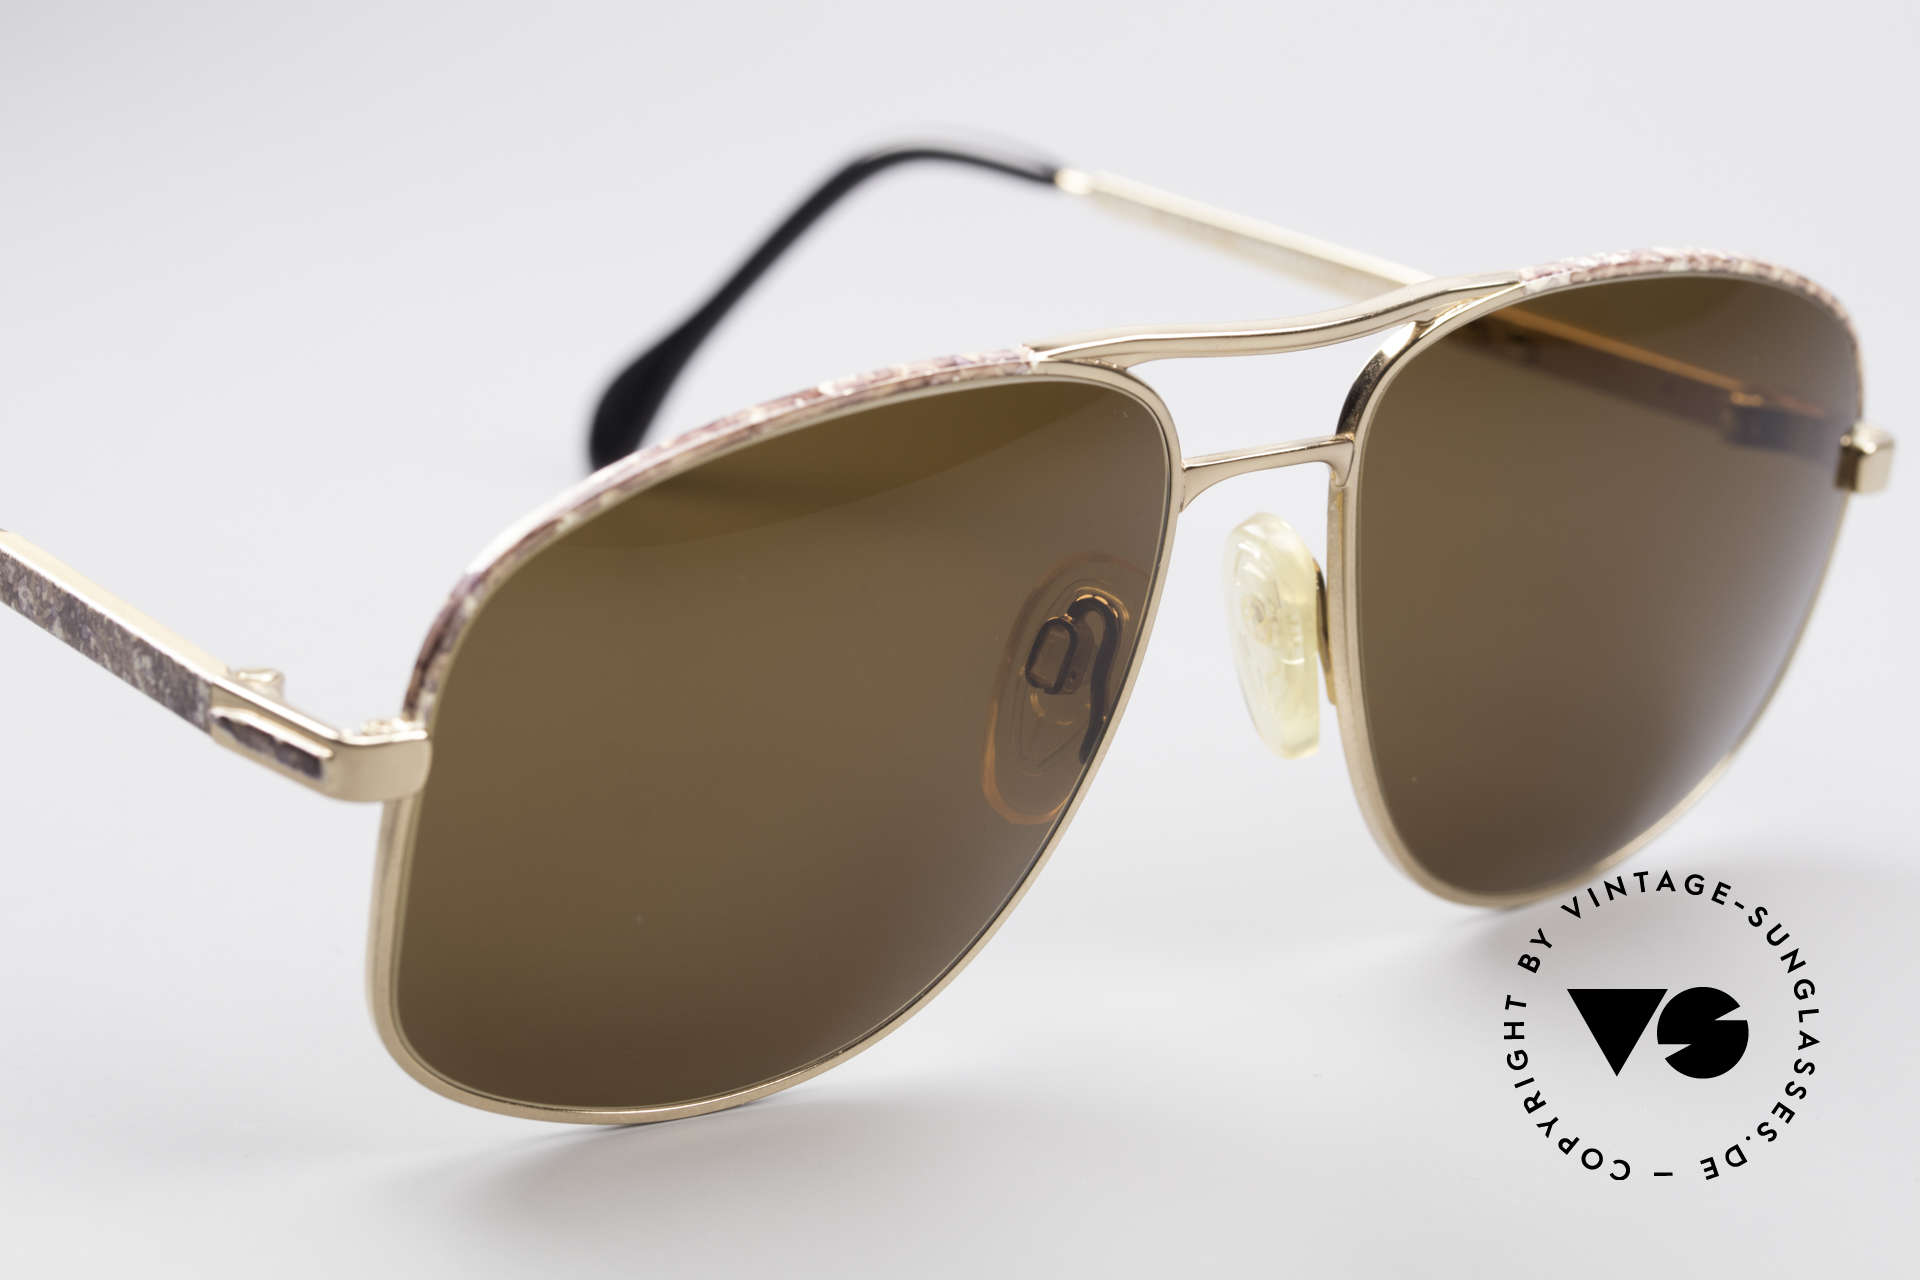 Zollitsch Cadre 8 18k Gold Plated Sonnenbrille, ungetragen (wie alle unsere vintage ZOLLITSCH Modelle), Passend für Herren